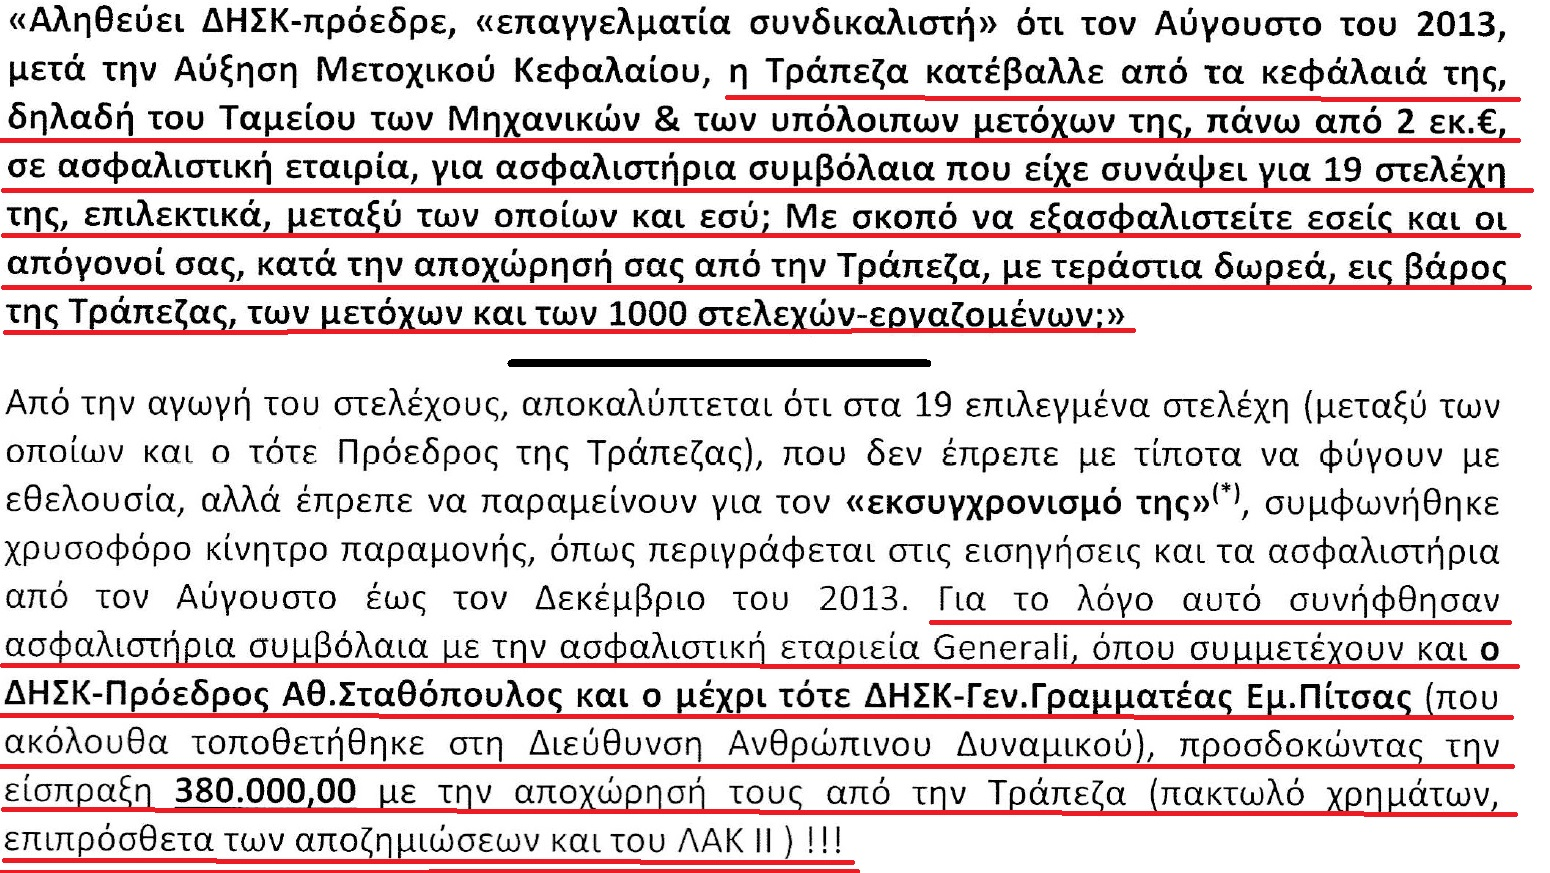 Τεράστιο ασφαλιστικό συμβόλαιο σε συνδικαλιστές και στελέχη της Attica bank;